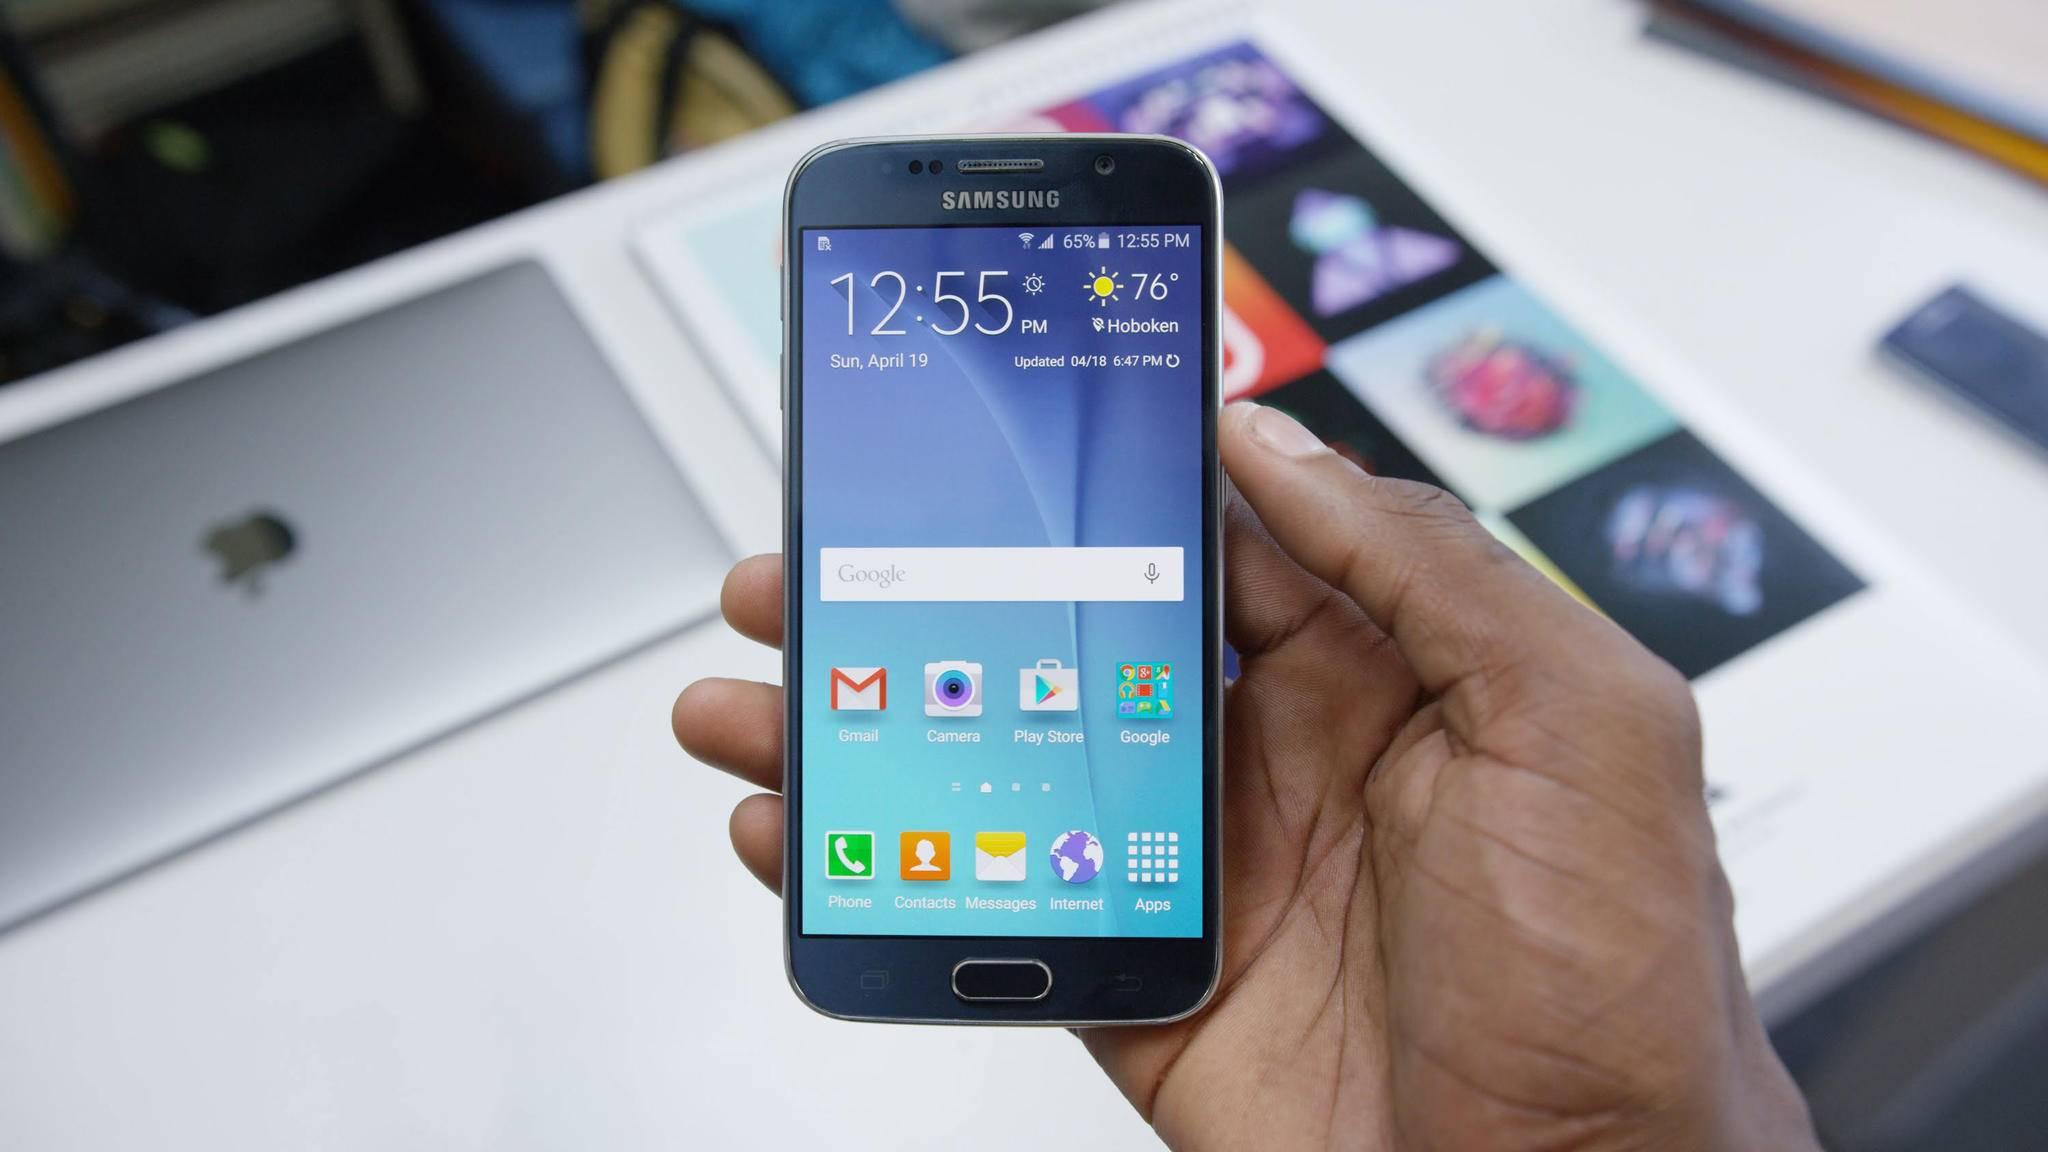 Android 8.0 Oreo fürs Galaxy S6? Das Update soll offenbar in Kürze verteilt werden.